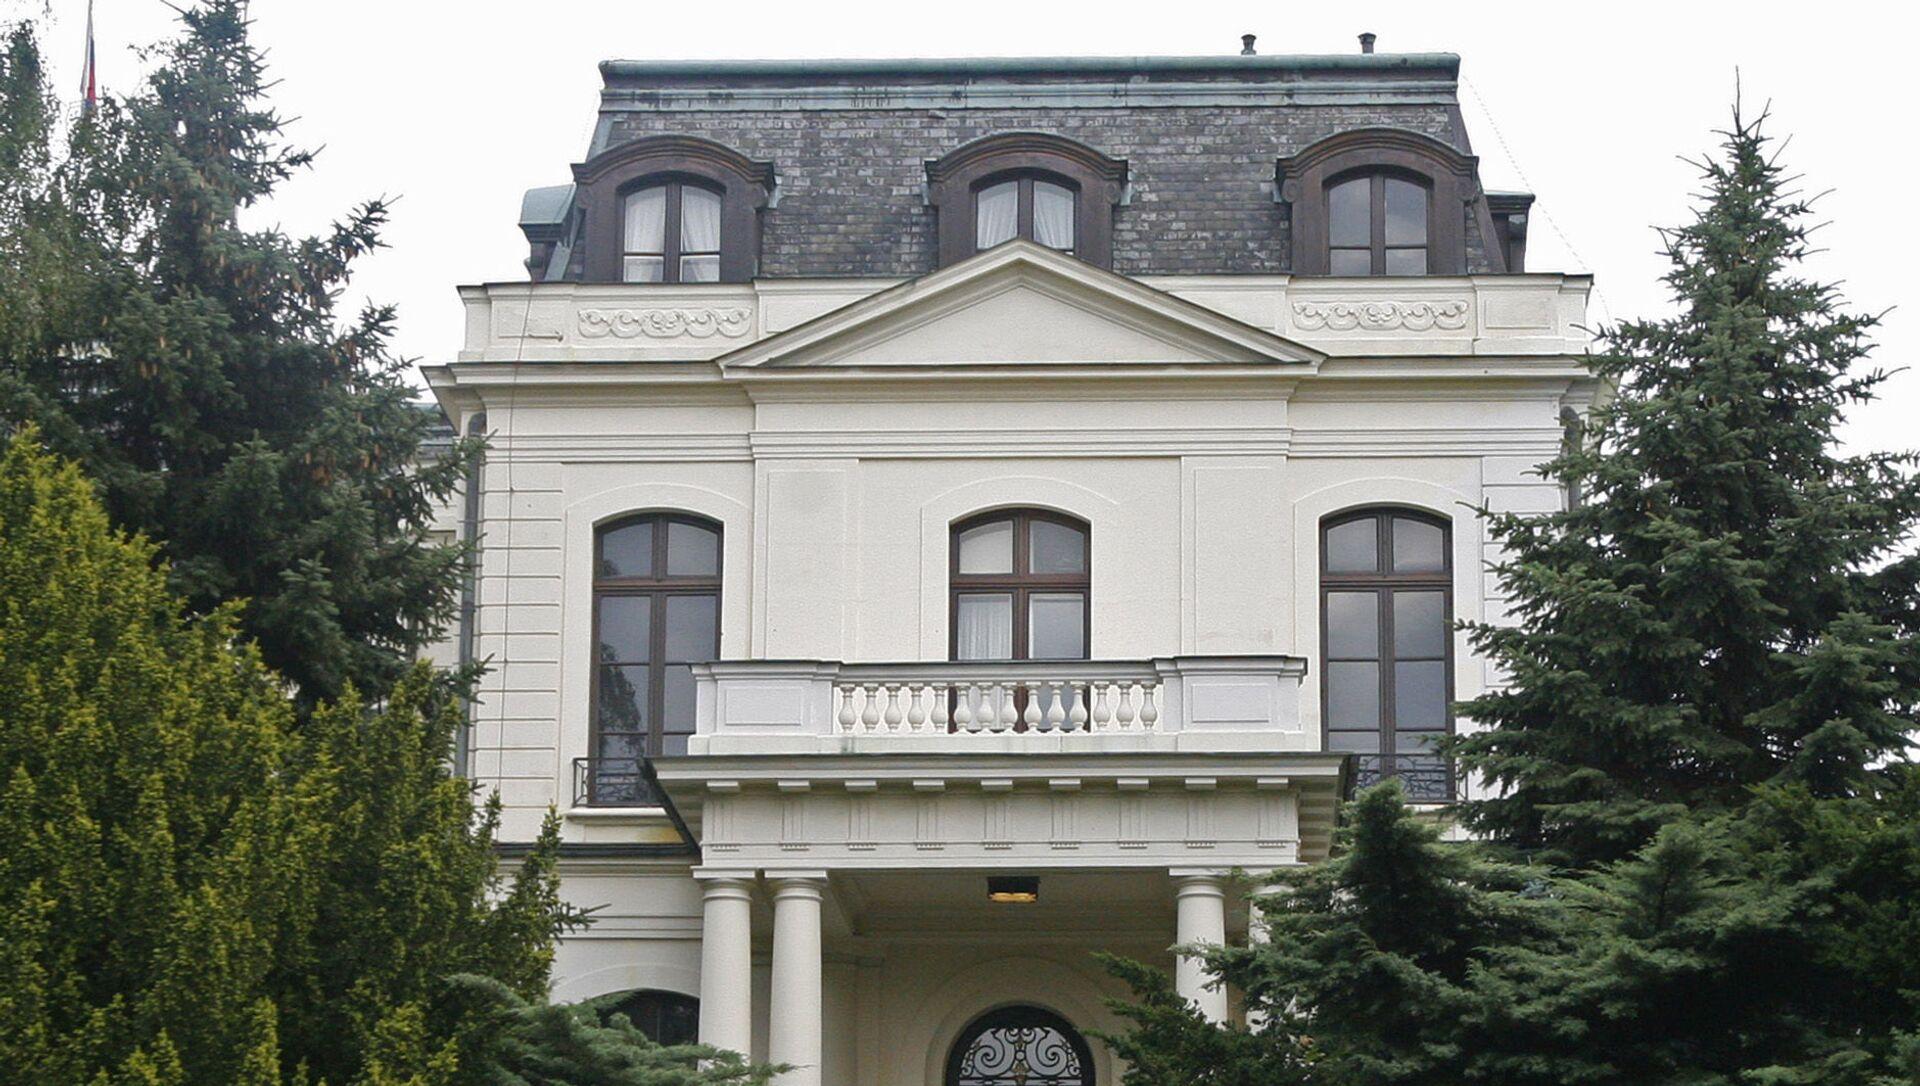 Đại sứ quán Nga tại Praha. - Sputnik Việt Nam, 1920, 22.04.2021